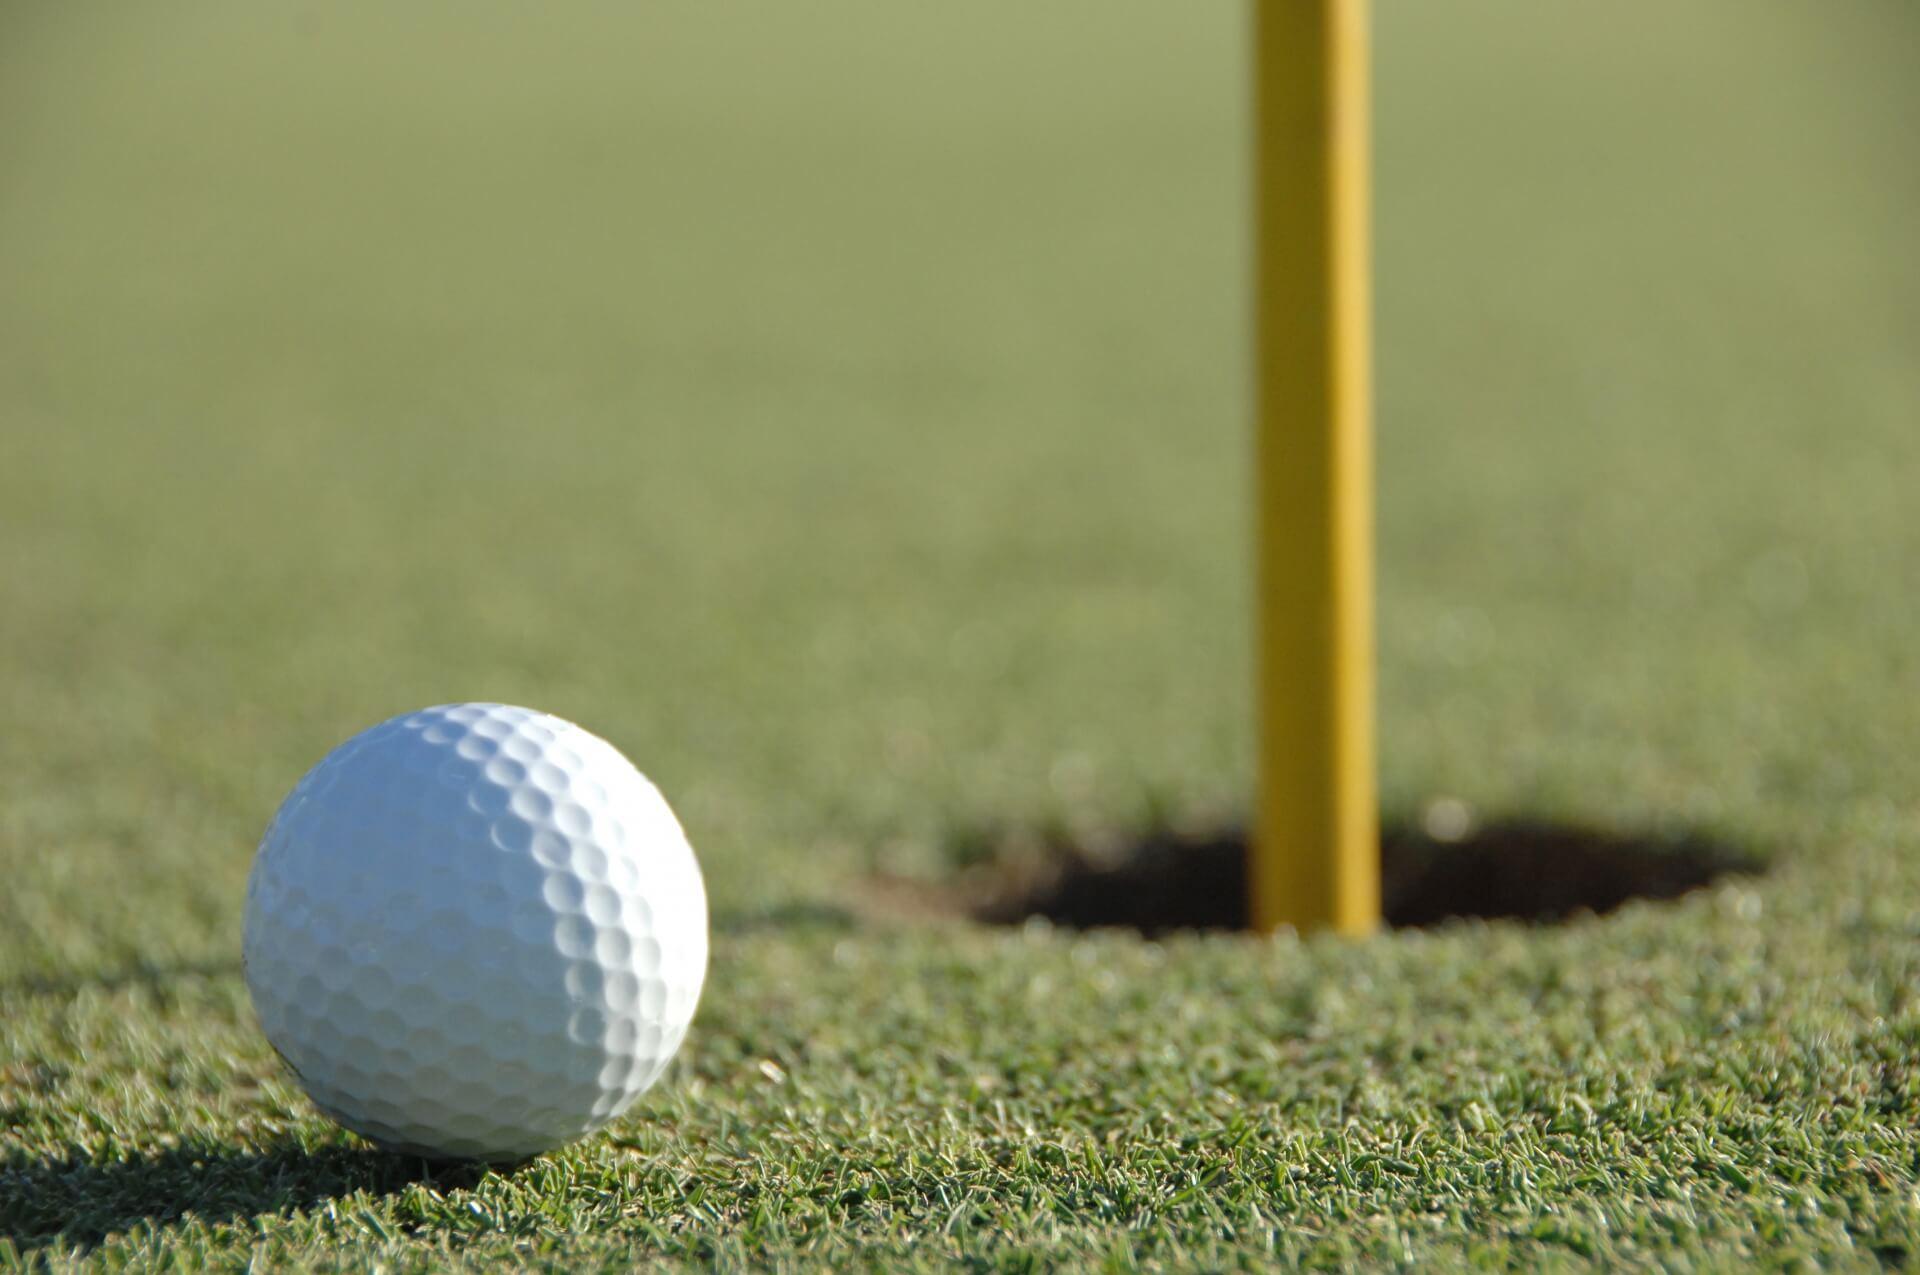 ゴルフのスコアの平均ってどのくらい?